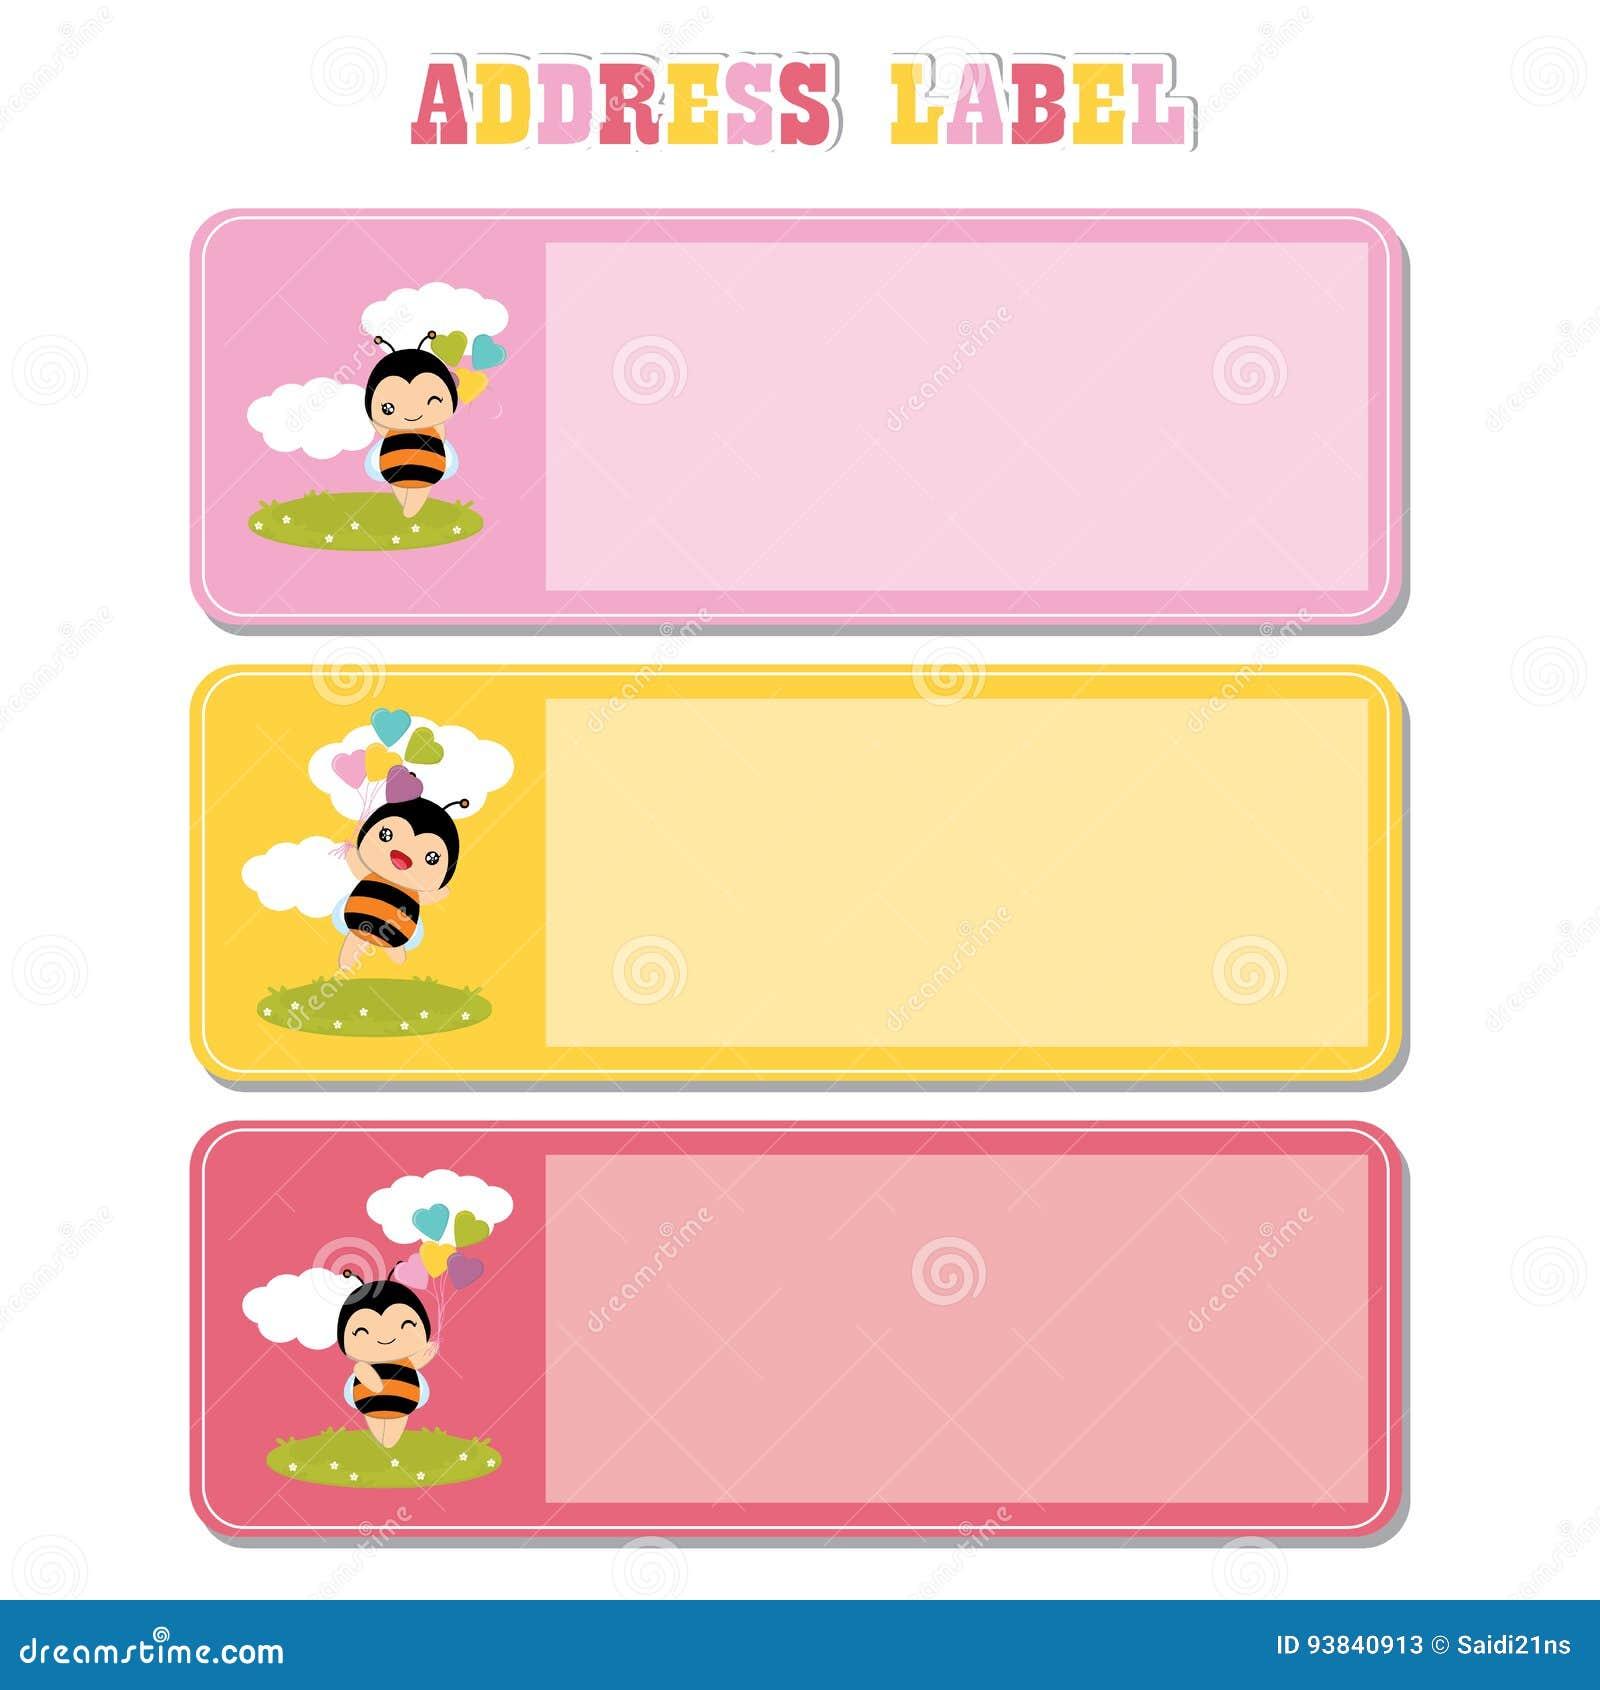 Ярлык адреса с милой пчелой на траве соответствующей для ярлыка адреса ребенк